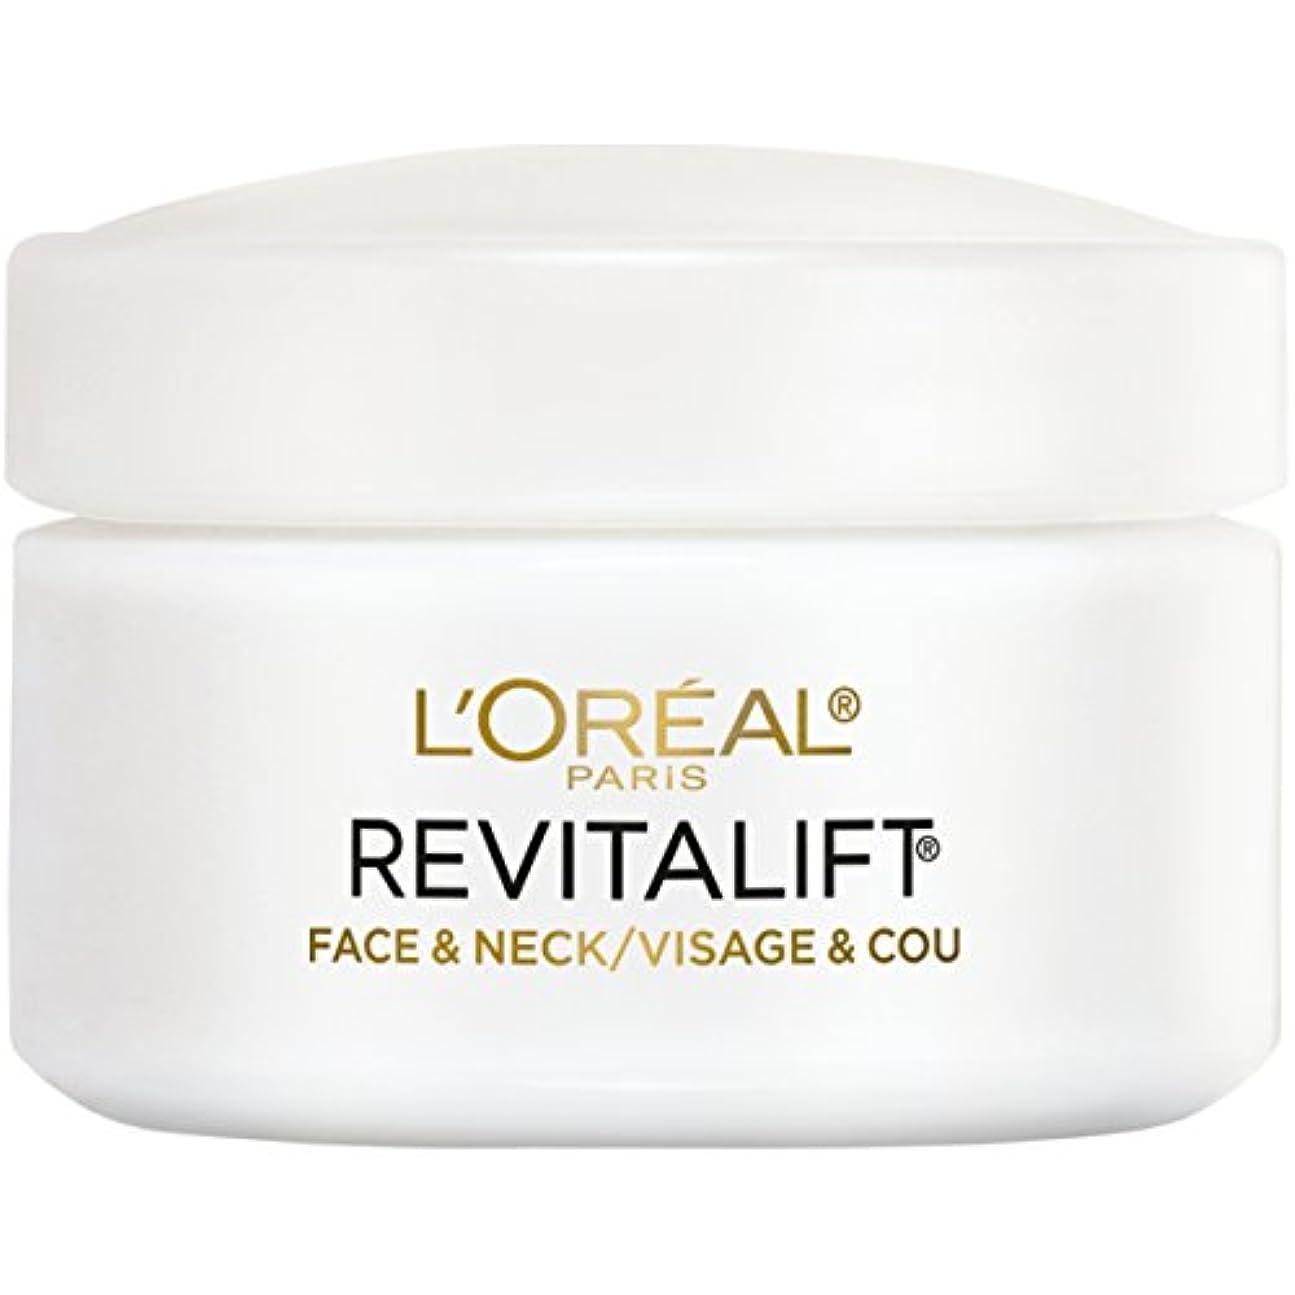 資金気性選択L'Oreal Paris Advanced RevitaLift Face and Neck Day Cream, 1.7 Ounce (並行輸入品)